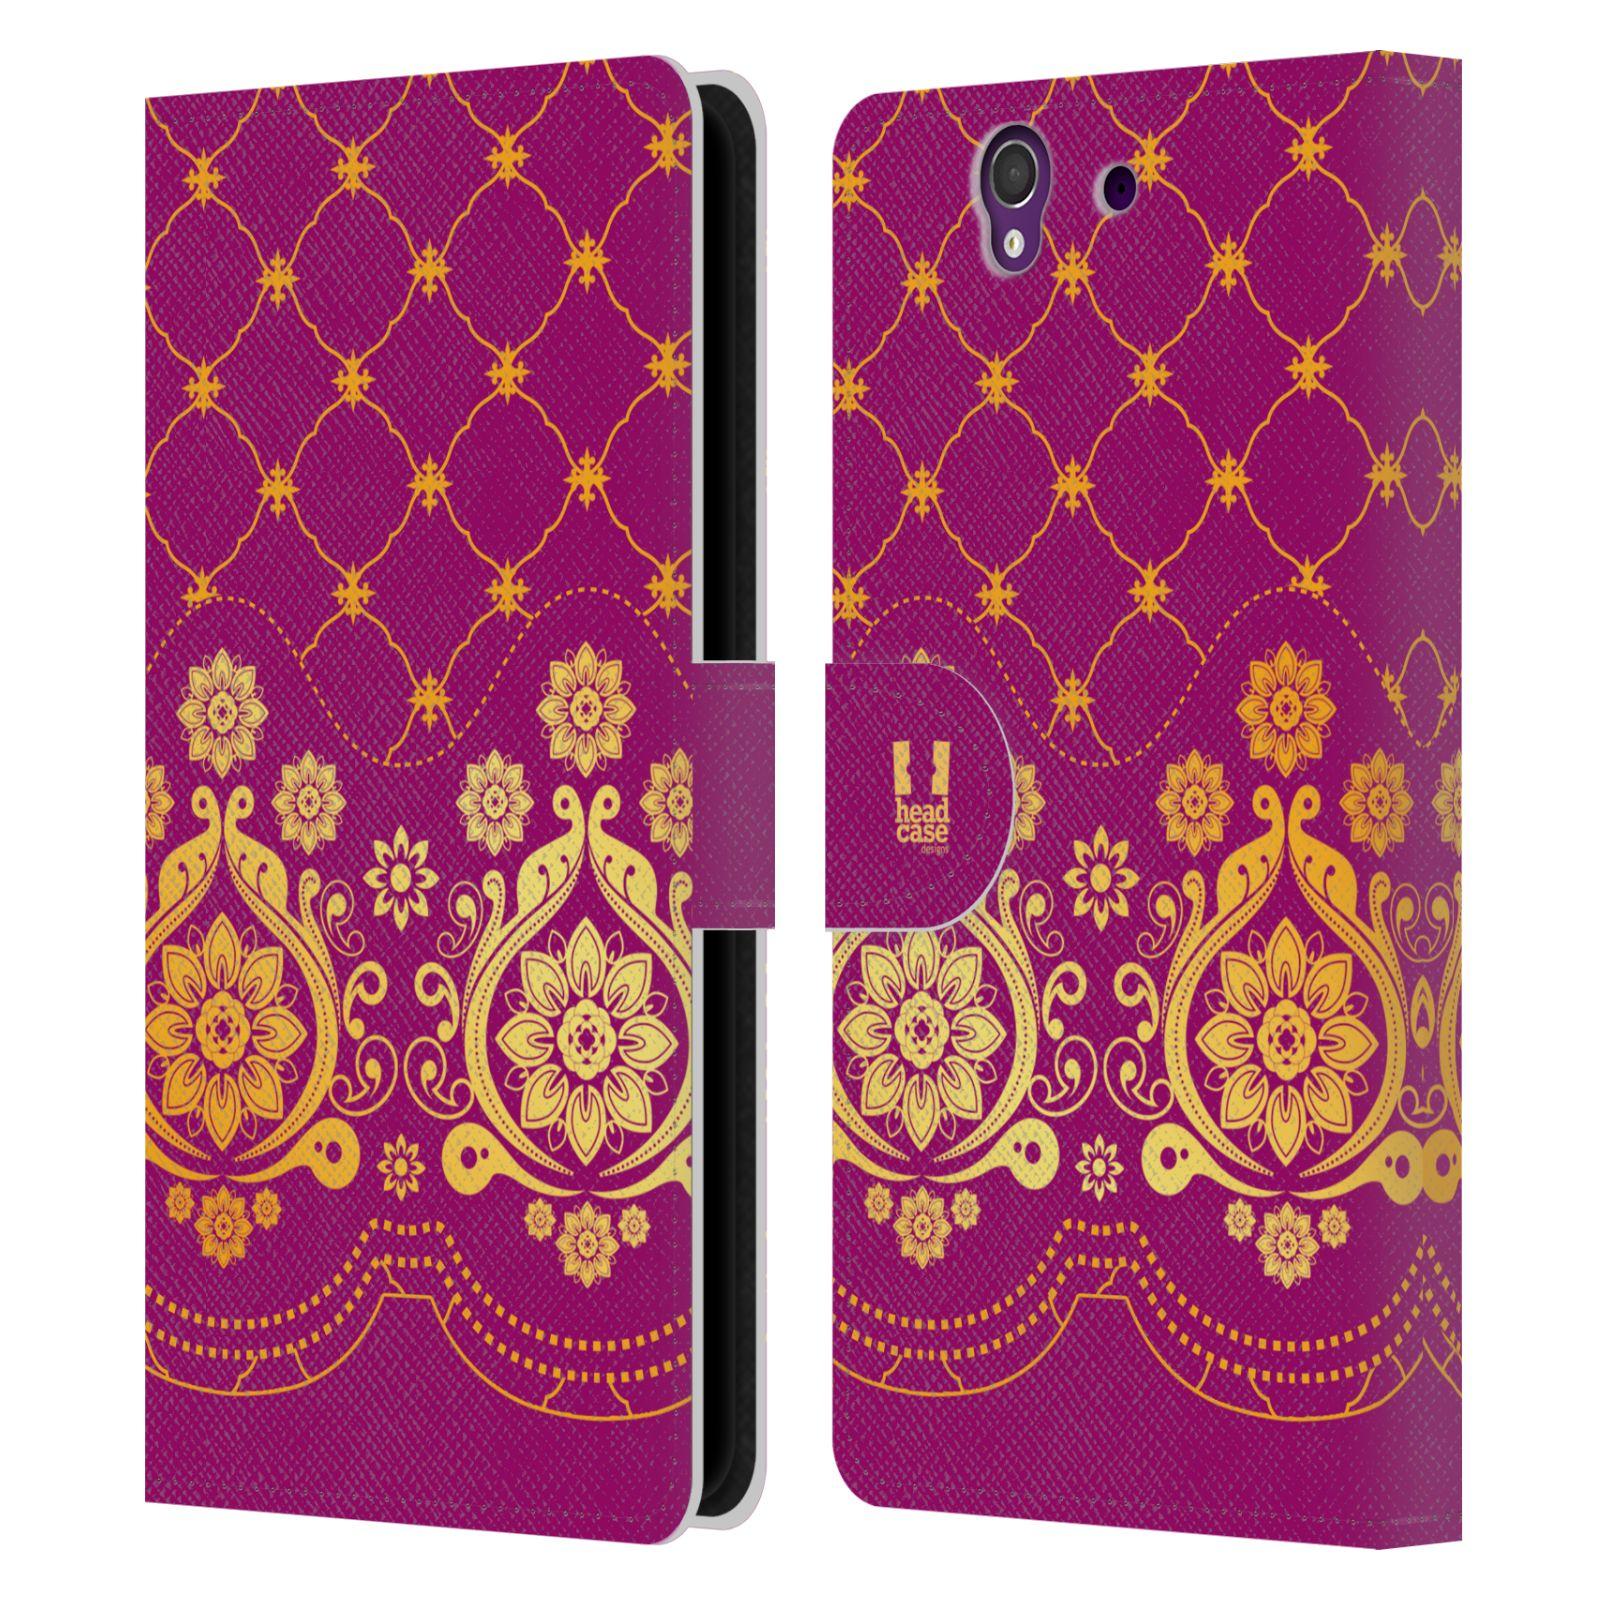 HEAD CASE Flipové pouzdro pro mobil SONY XPERIA Z (C6603) moderní baroko tmavě růžová a zlatá